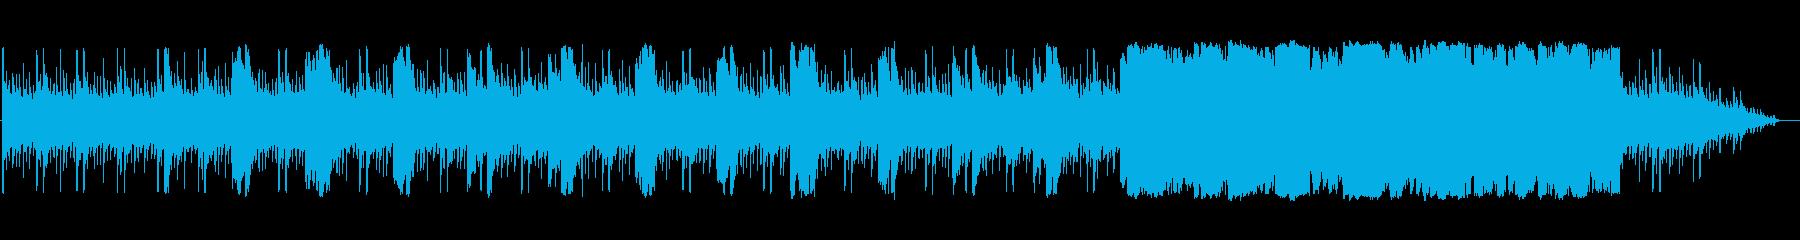 アラビアンで怪しげで解放感のある3拍子曲の再生済みの波形